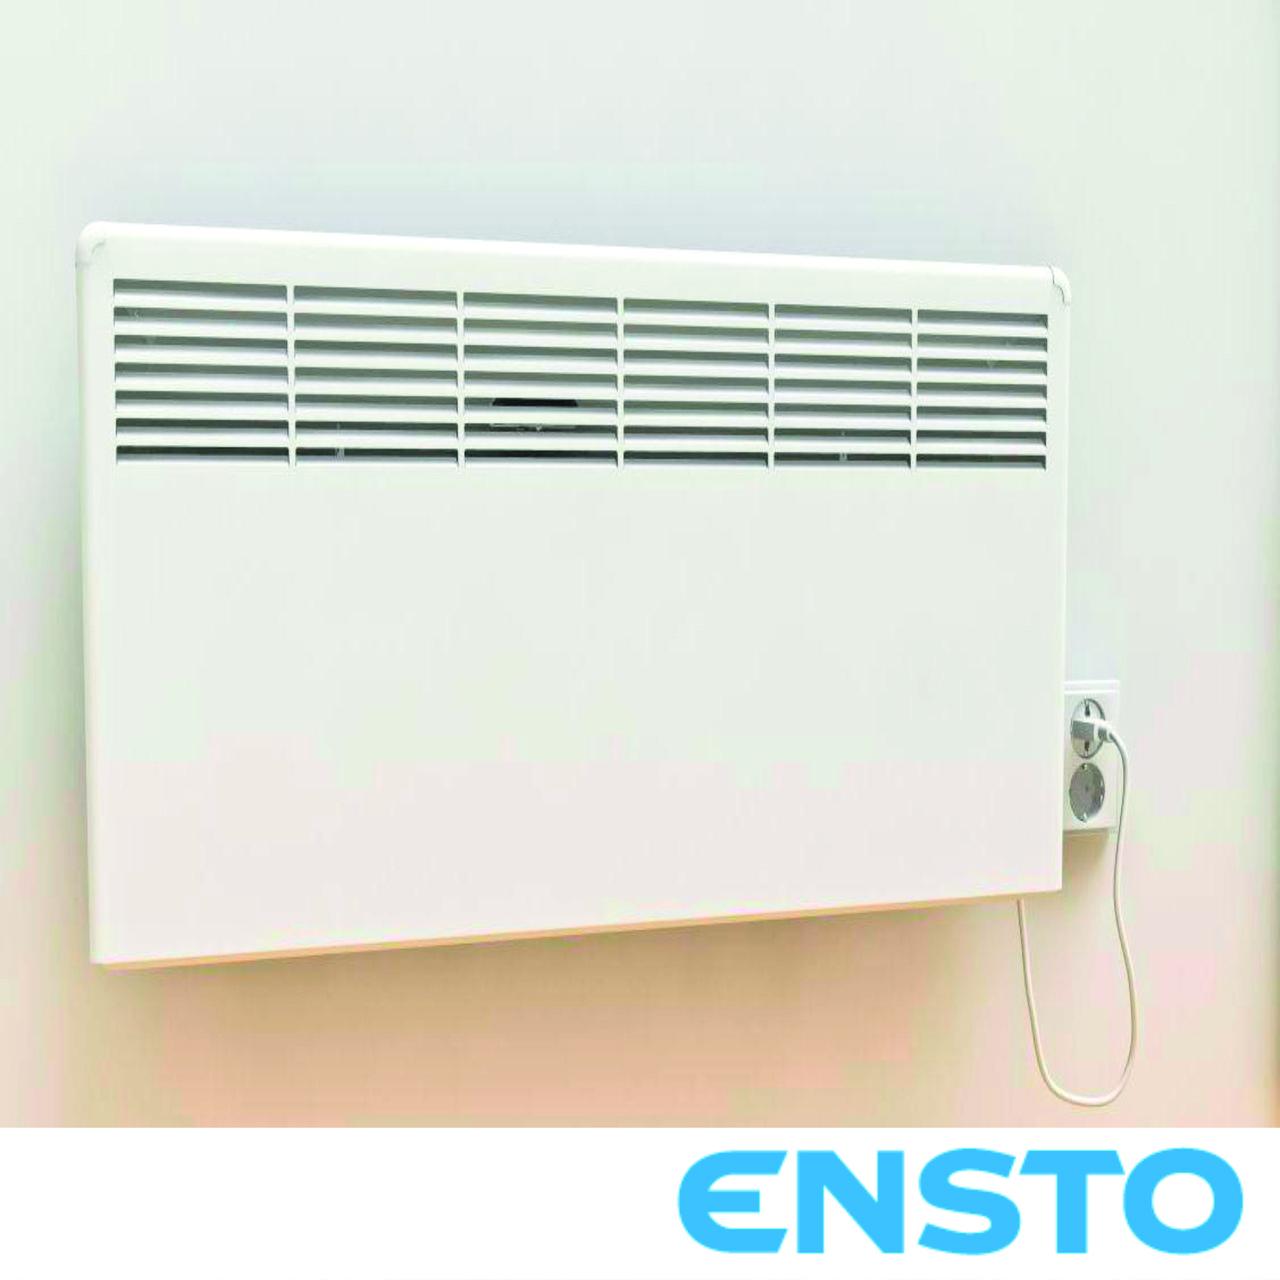 Электрический обогреватель-конвектор Ensto 500 Вт с термостатом и вилкой